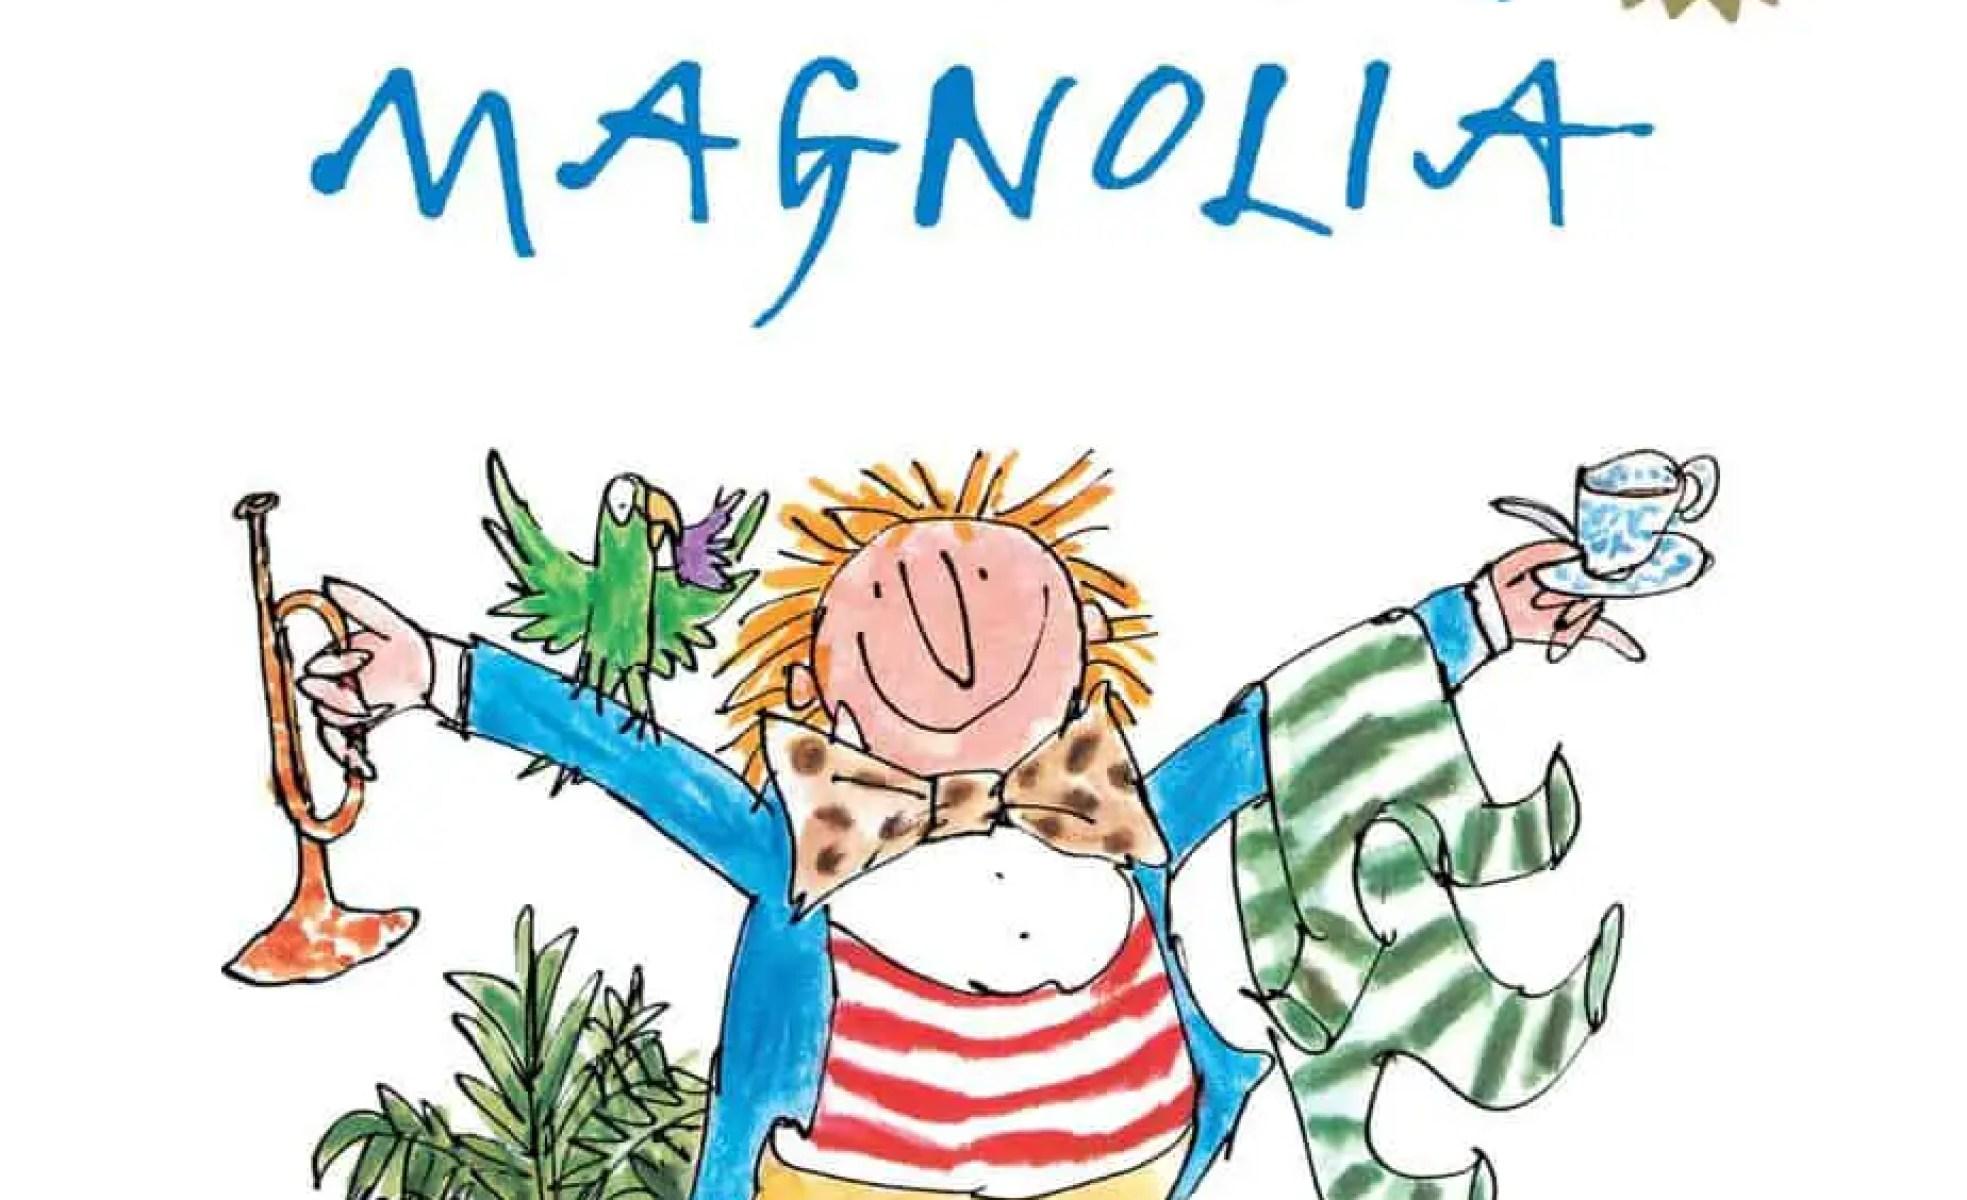 Mister Magnolia cover